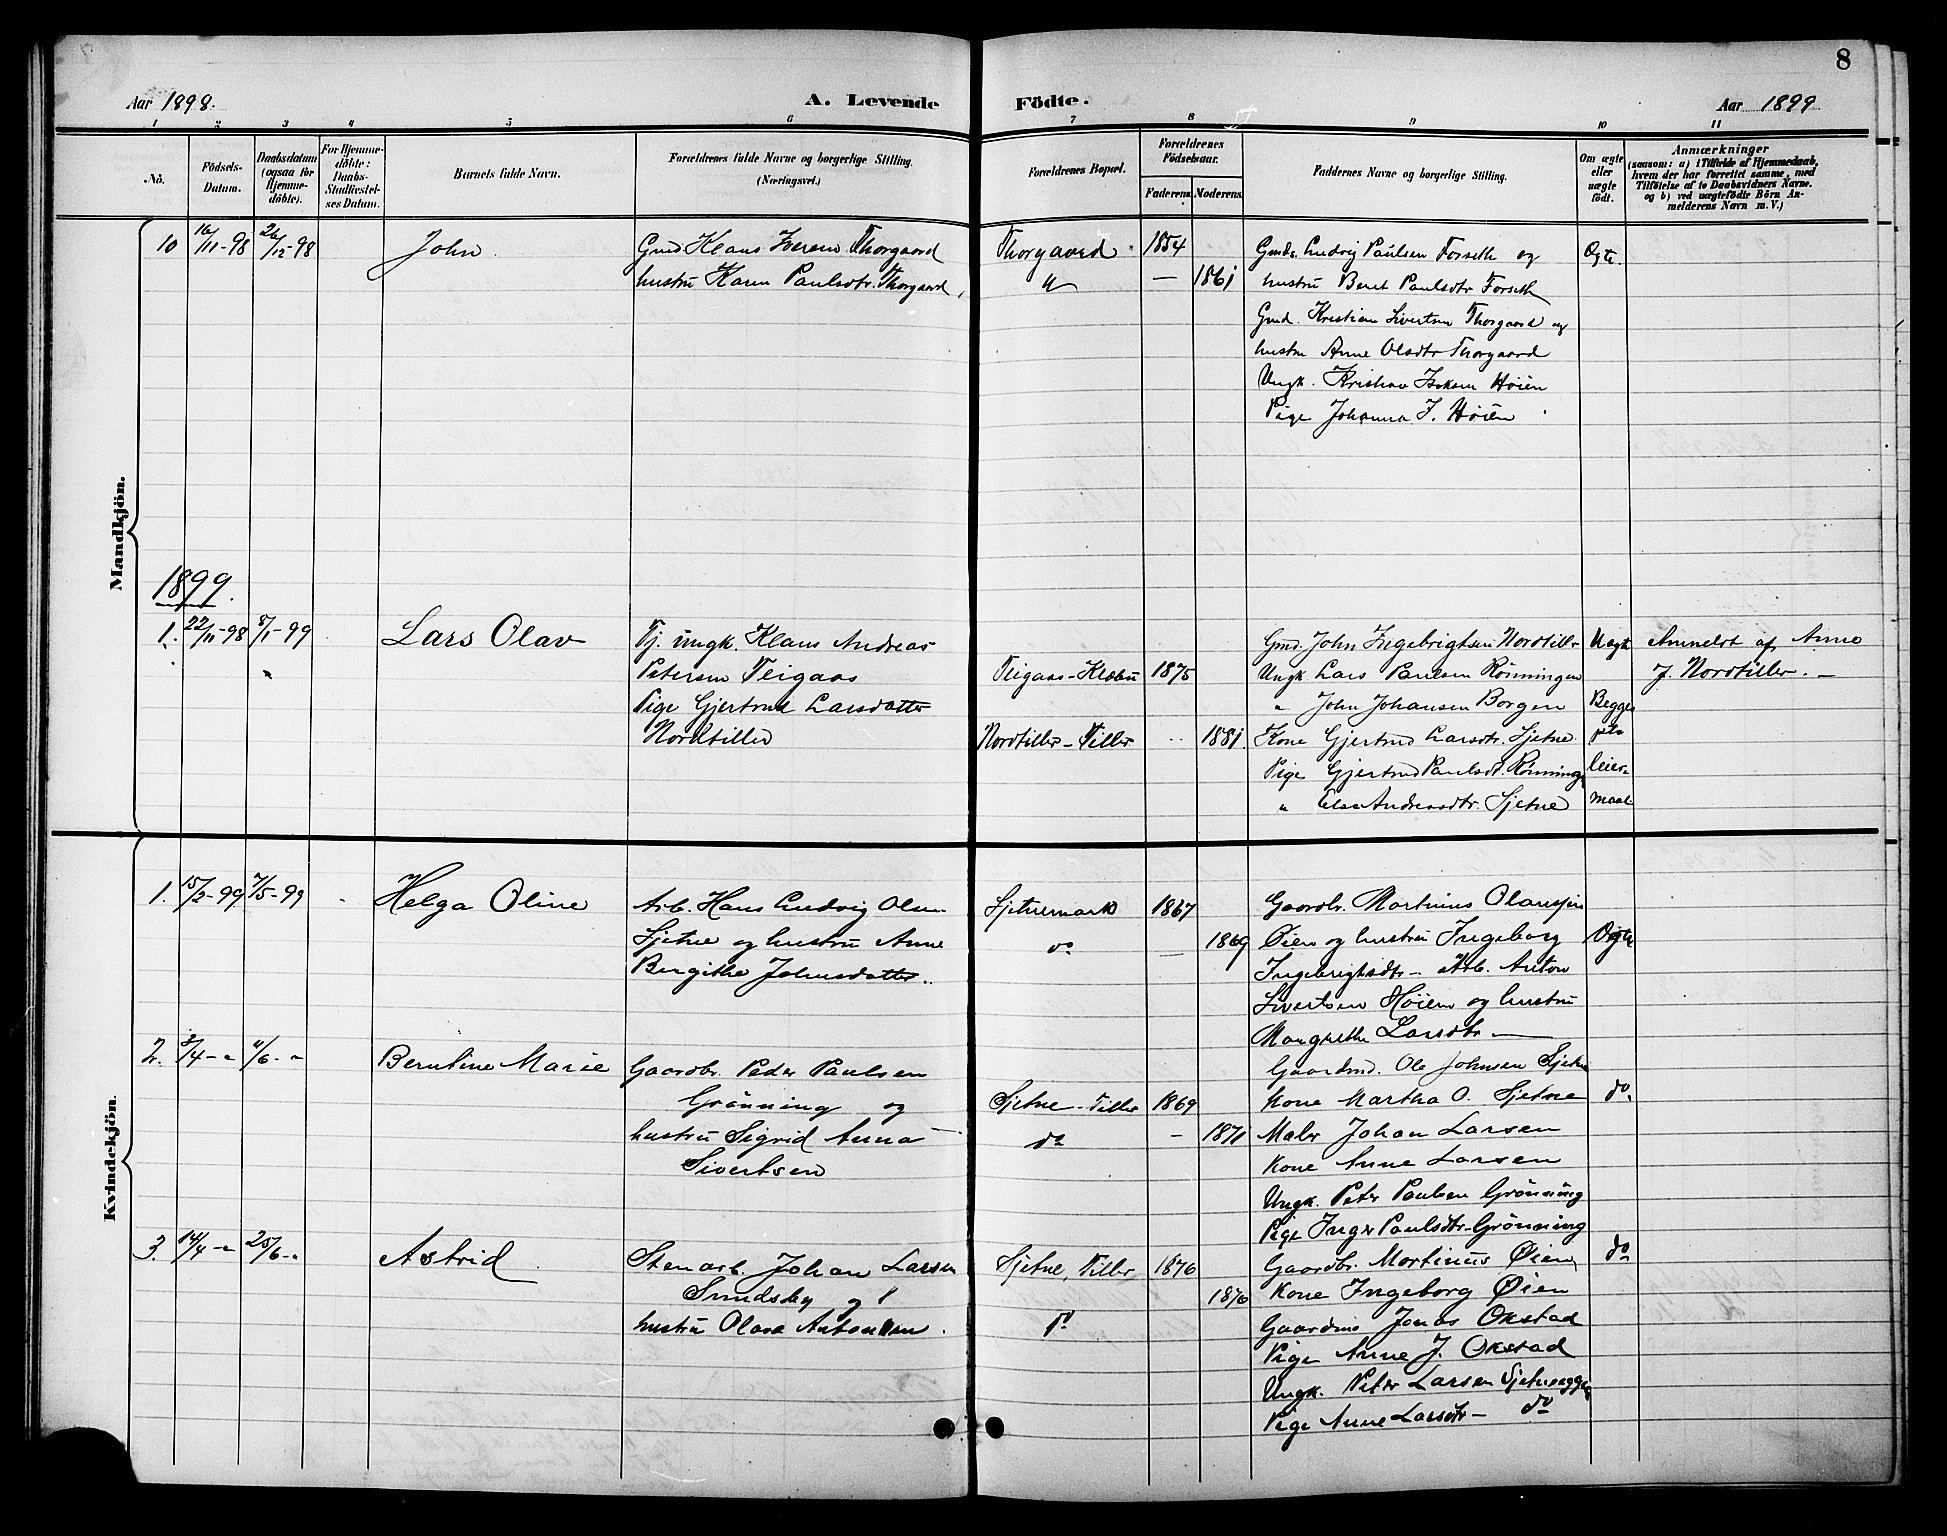 SAT, Ministerialprotokoller, klokkerbøker og fødselsregistre - Sør-Trøndelag, 621/L0460: Klokkerbok nr. 621C03, 1896-1914, s. 8